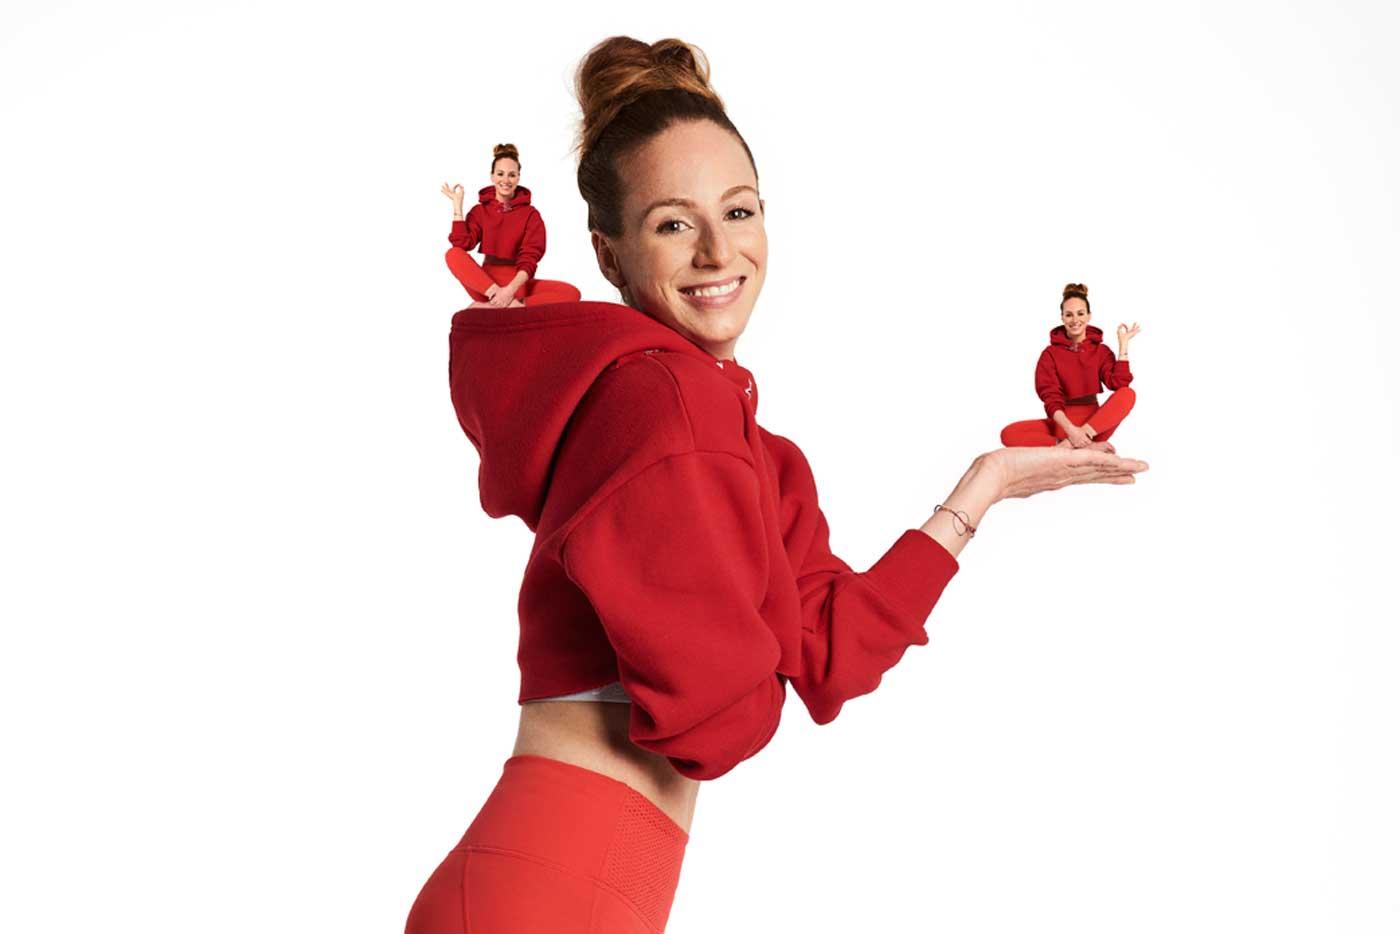 Completo-yoga-img-post